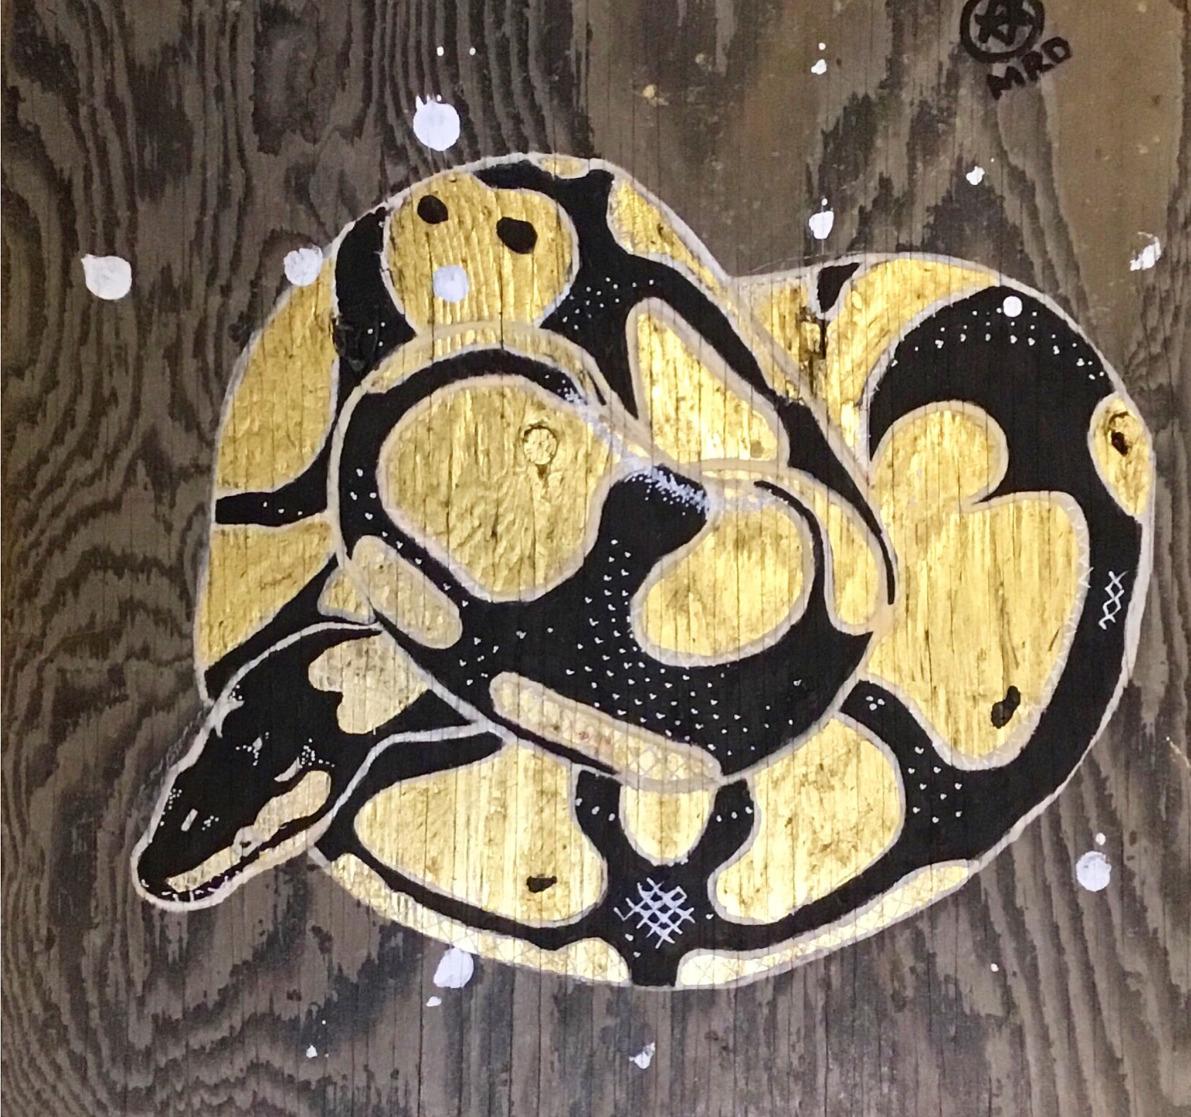 Coiled Python